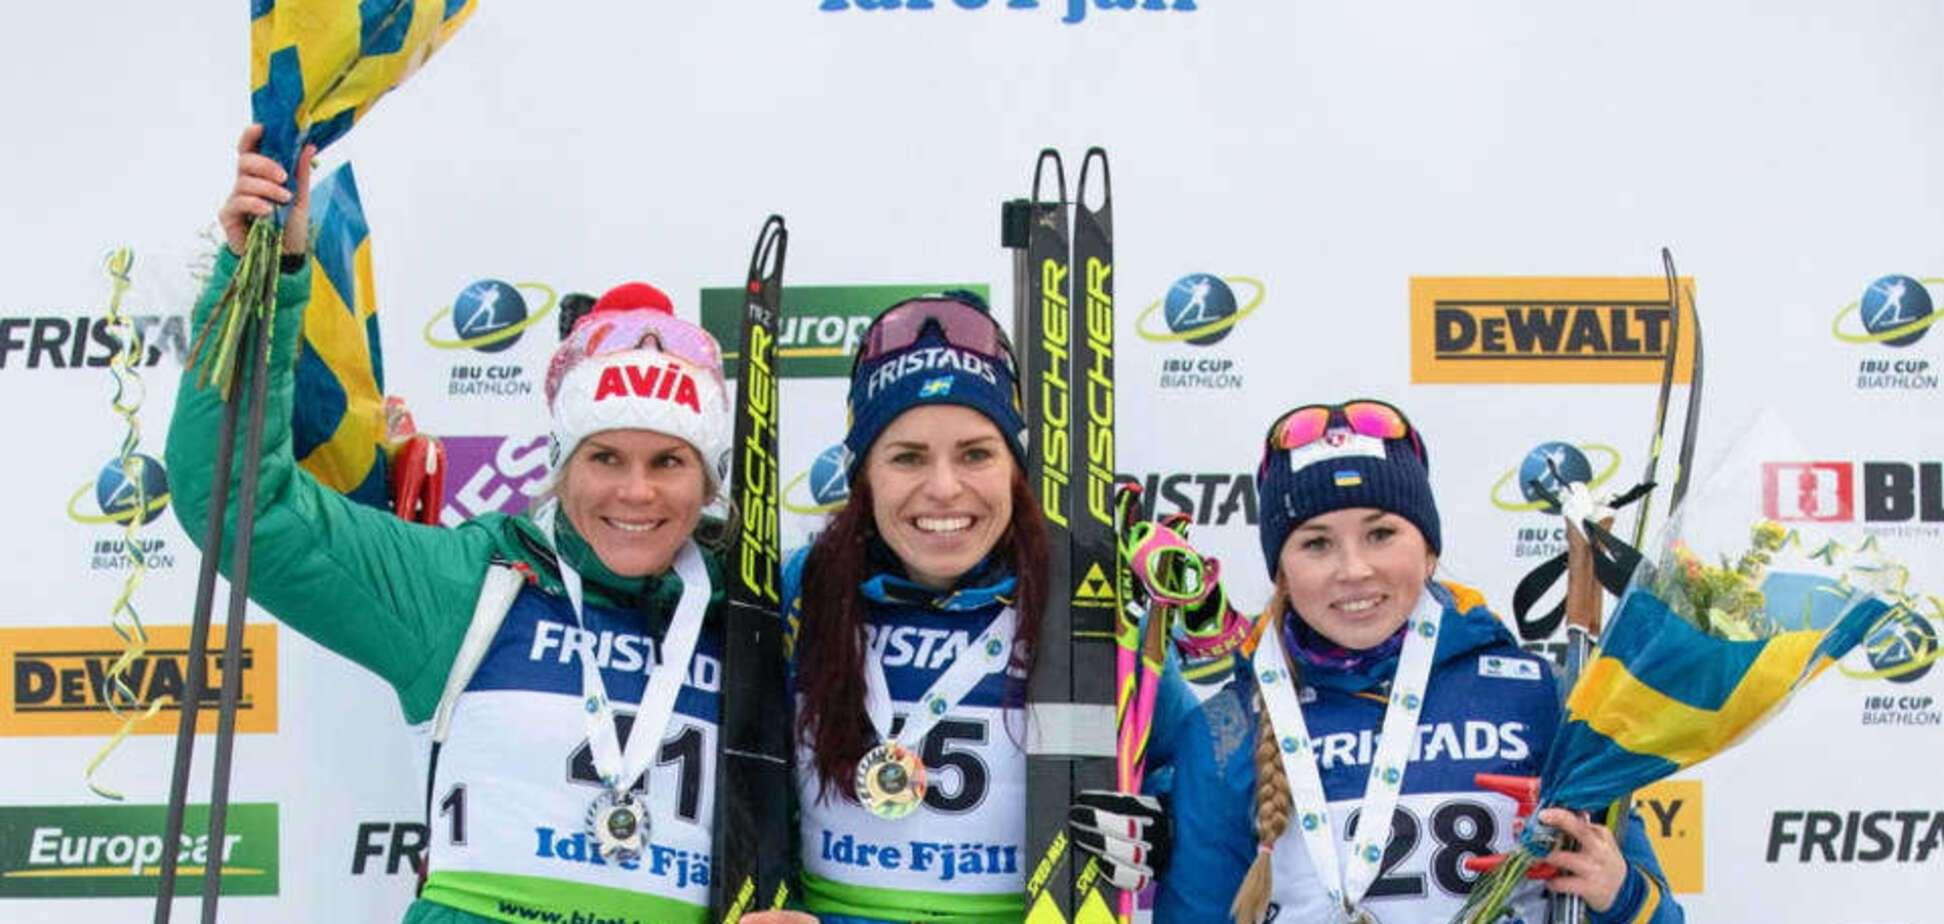 Украина завоевала первую медаль в новом биатлонном сезоне